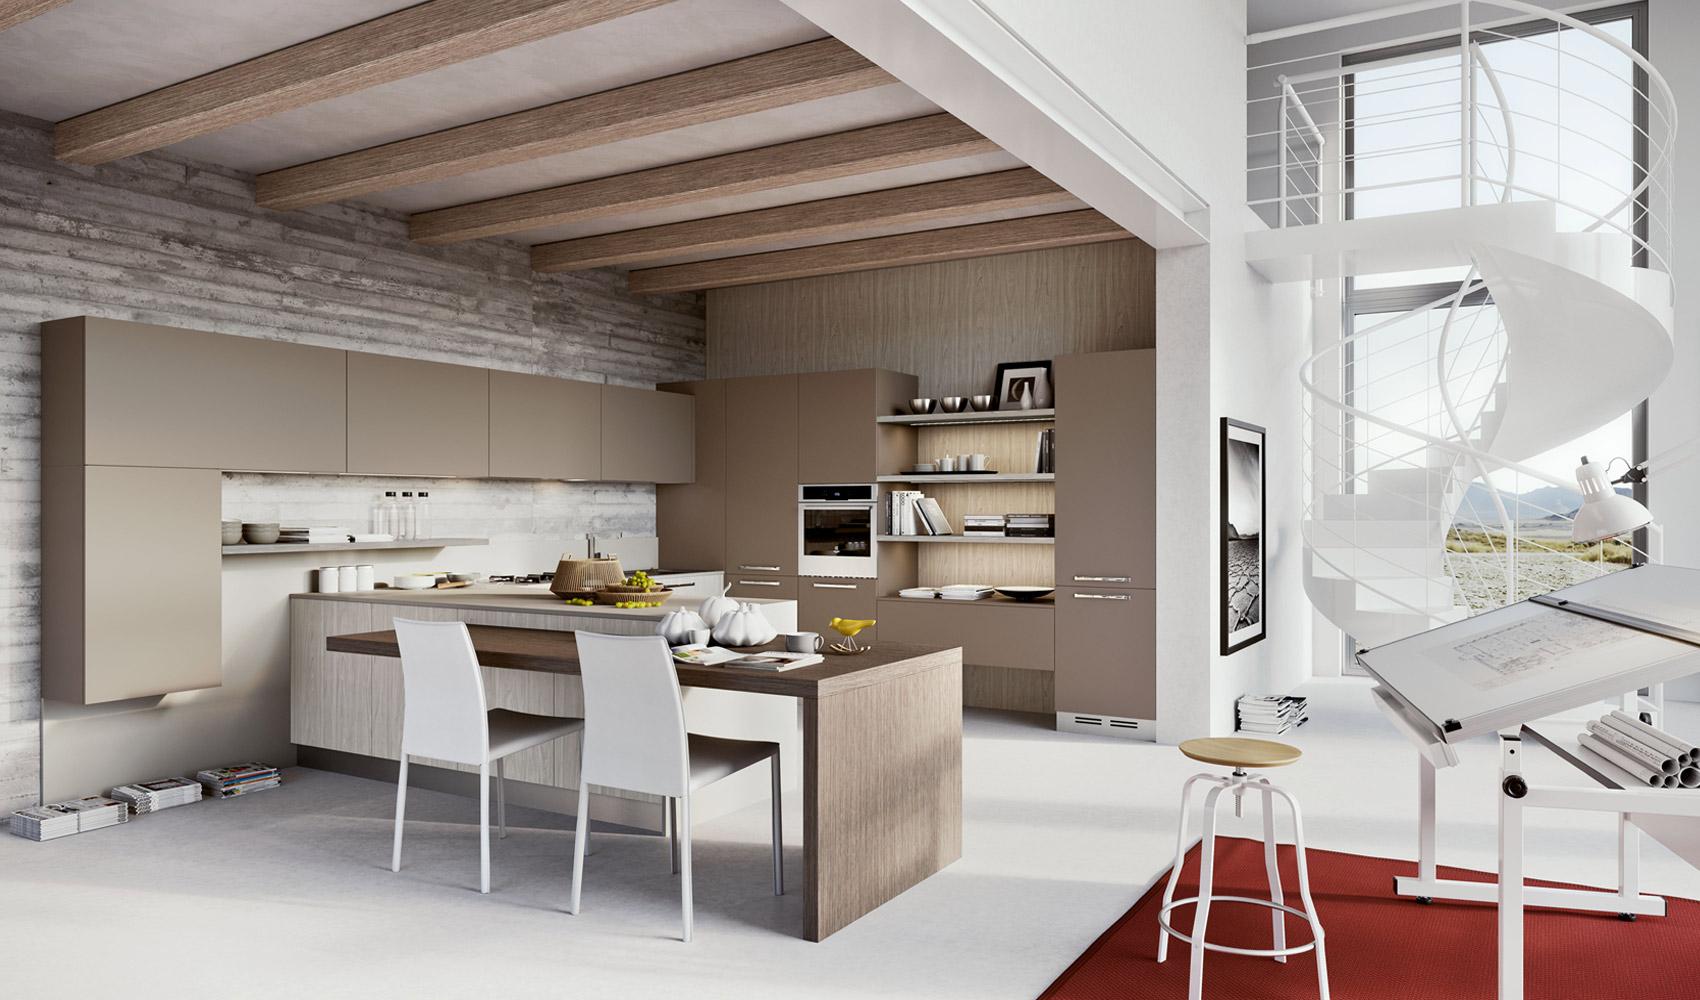 Деревянные потолочные балки в интерьере кухни